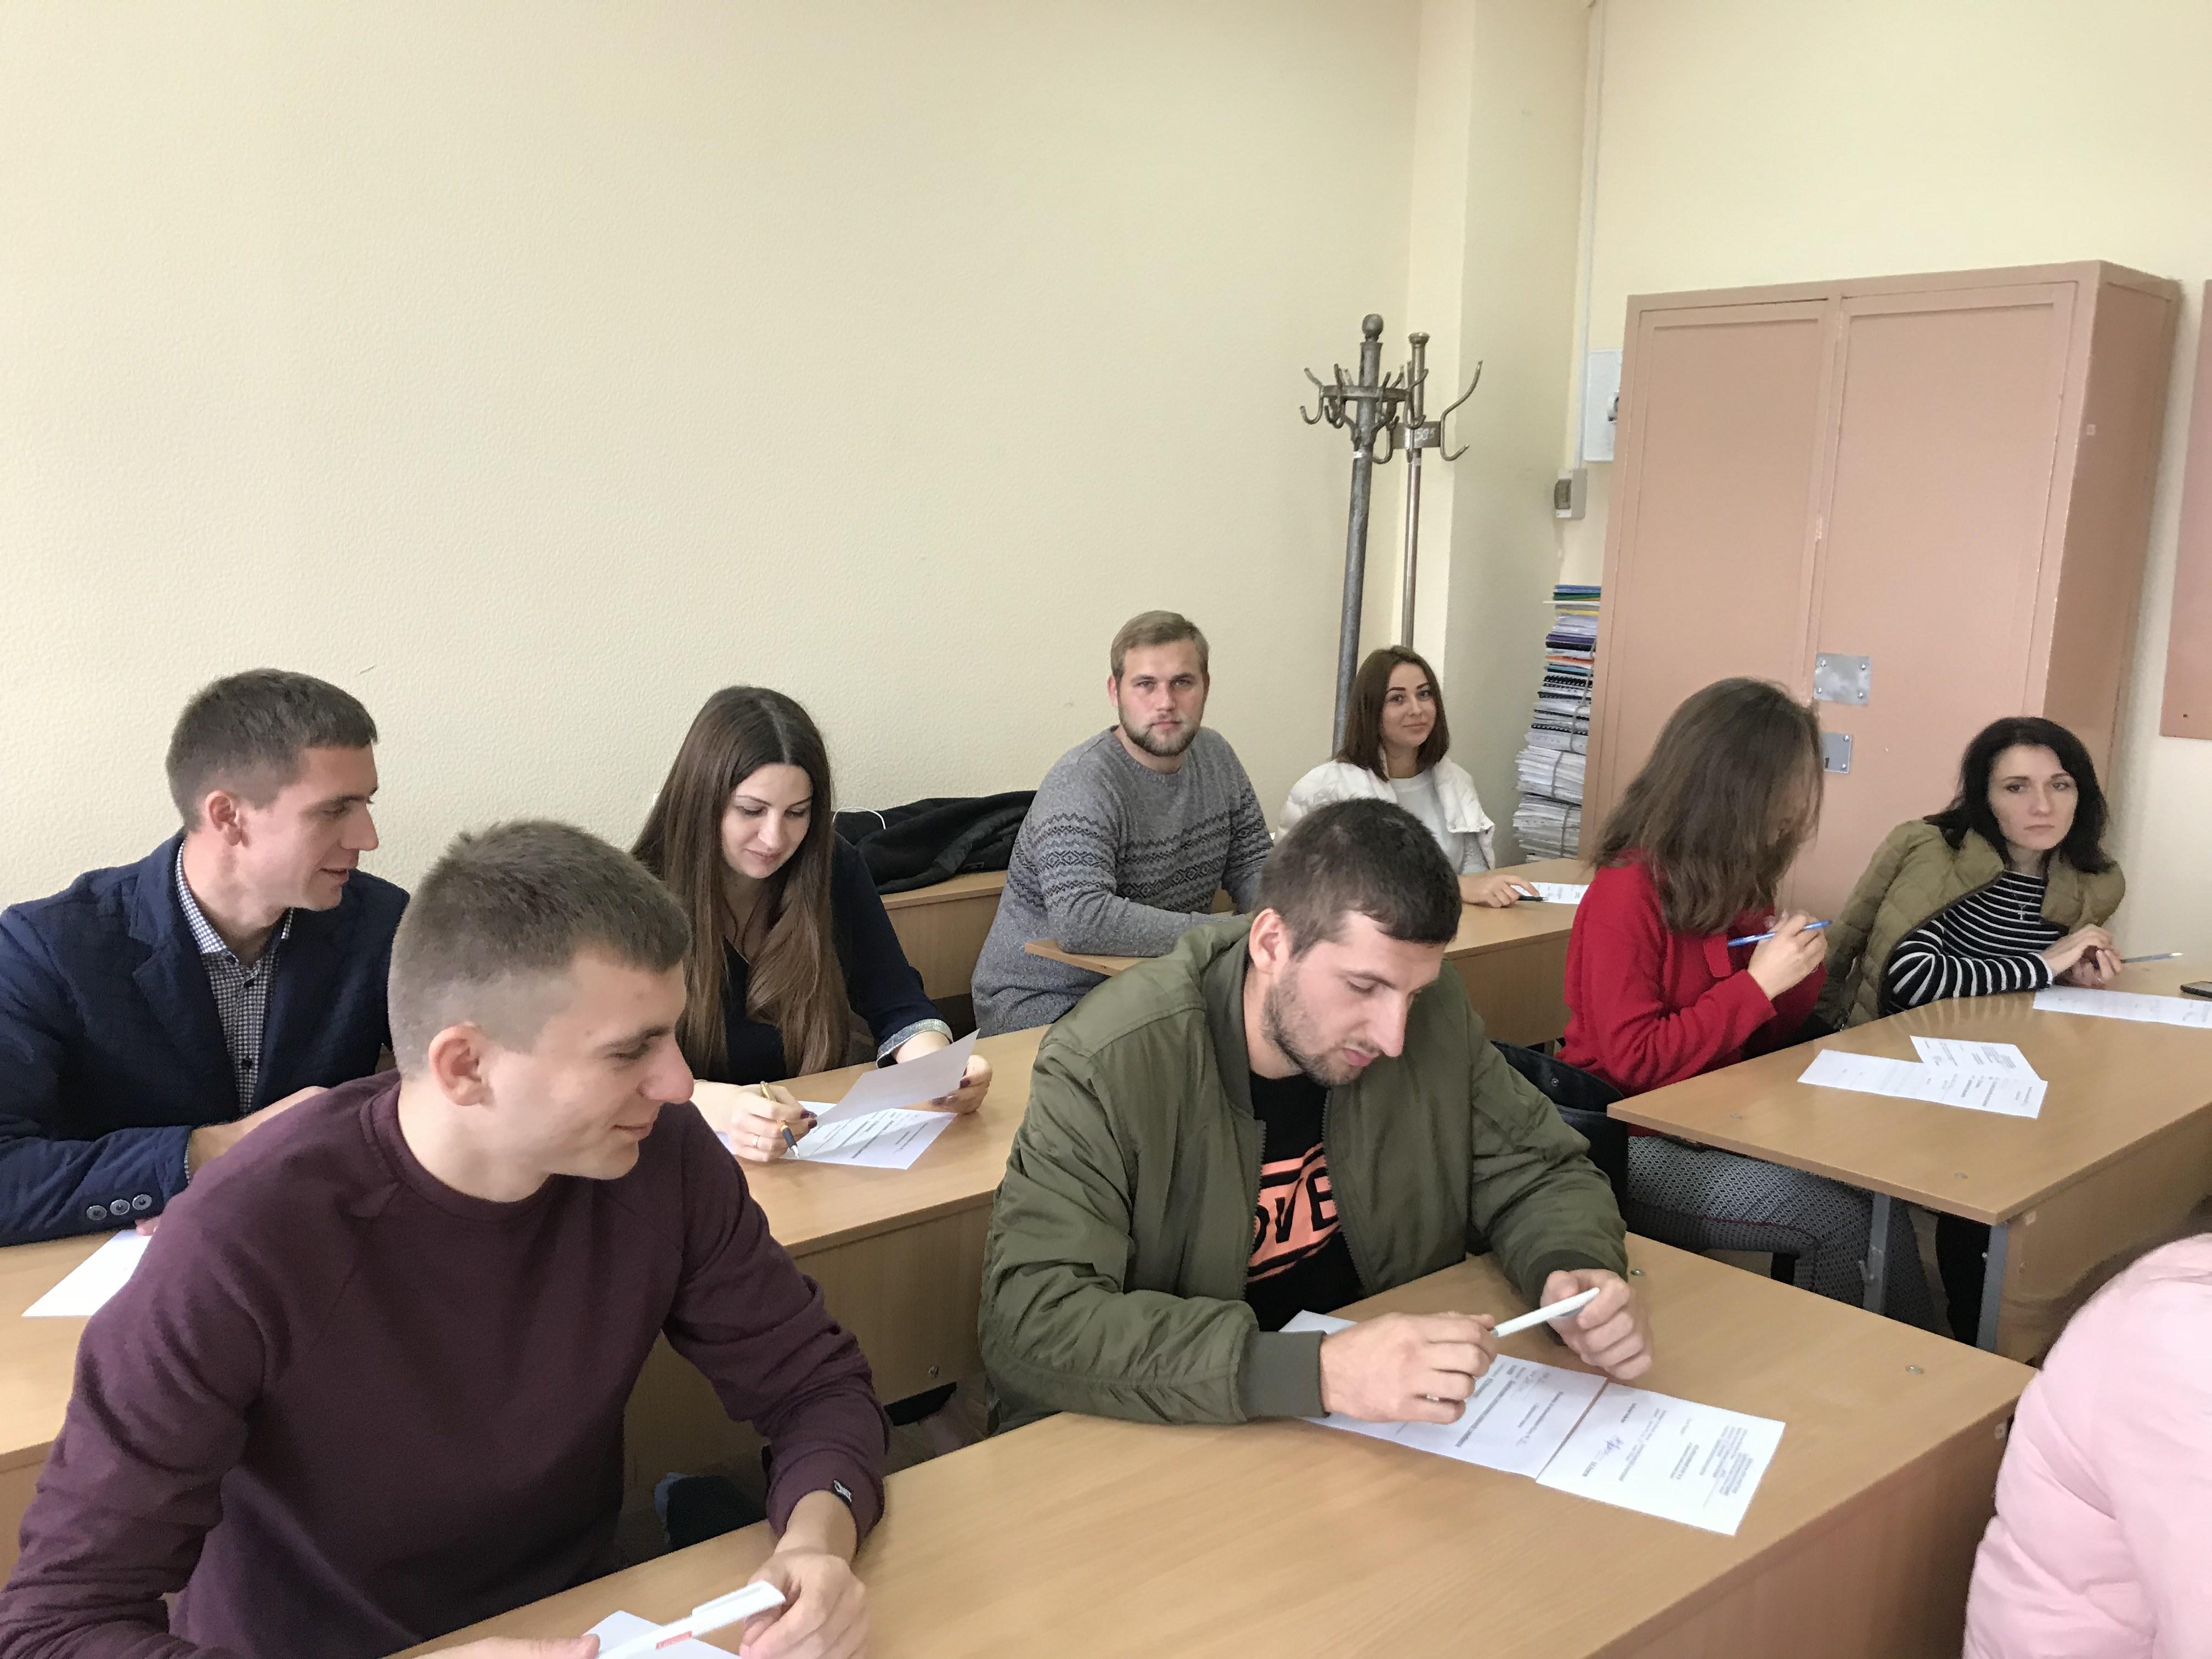 Державний іспит студентів. 2018 рік